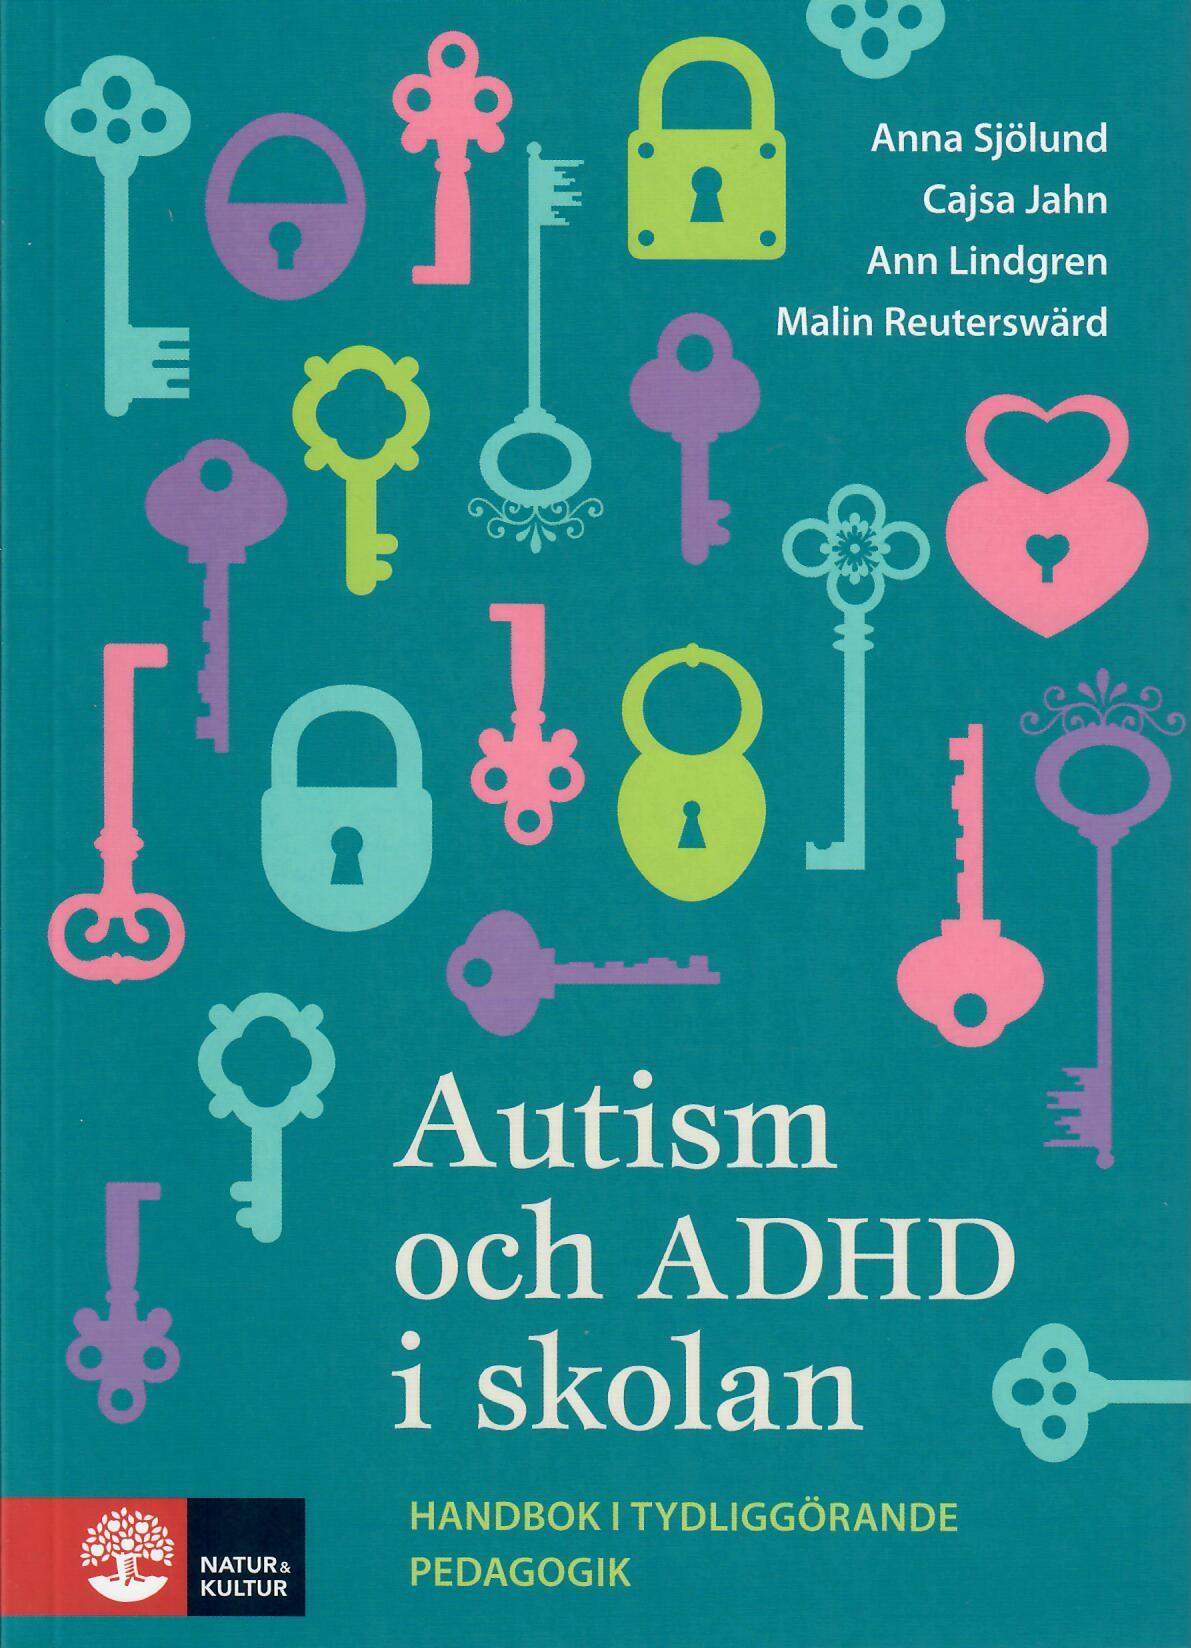 Autism och ADHD i skolan: Handbok i tydliggörande pedagogik